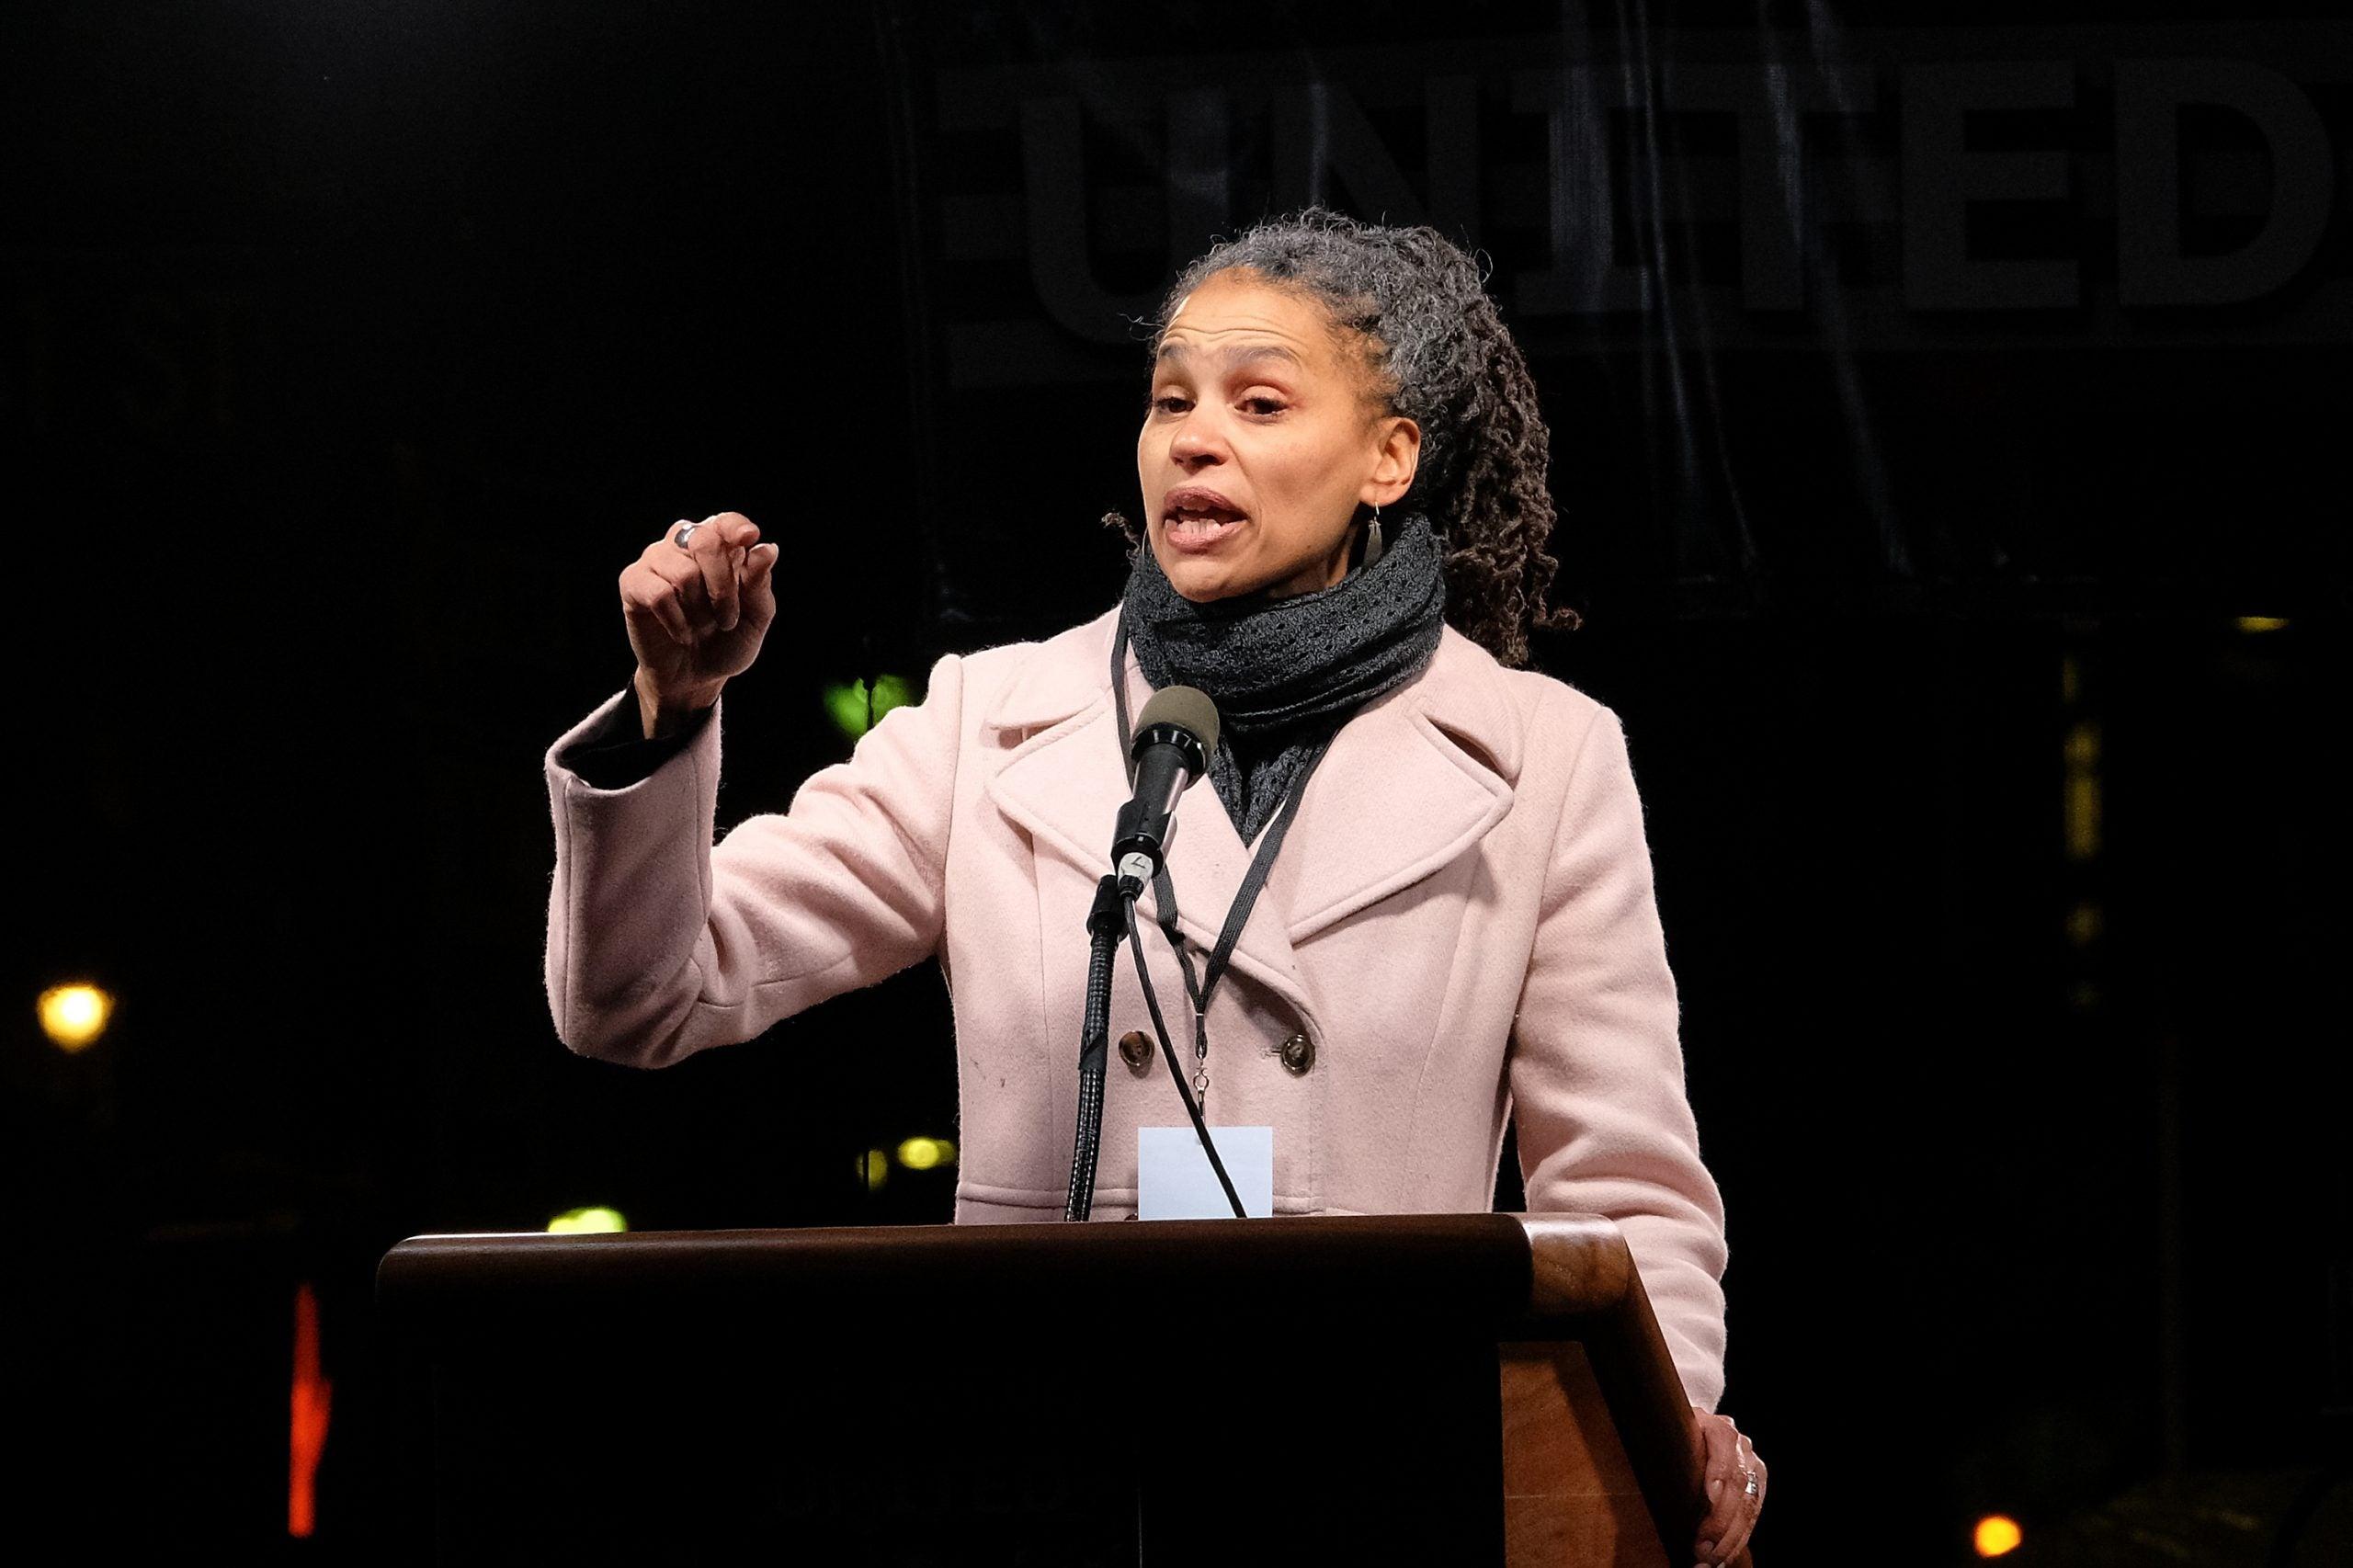 Maya Wiley stands at podium